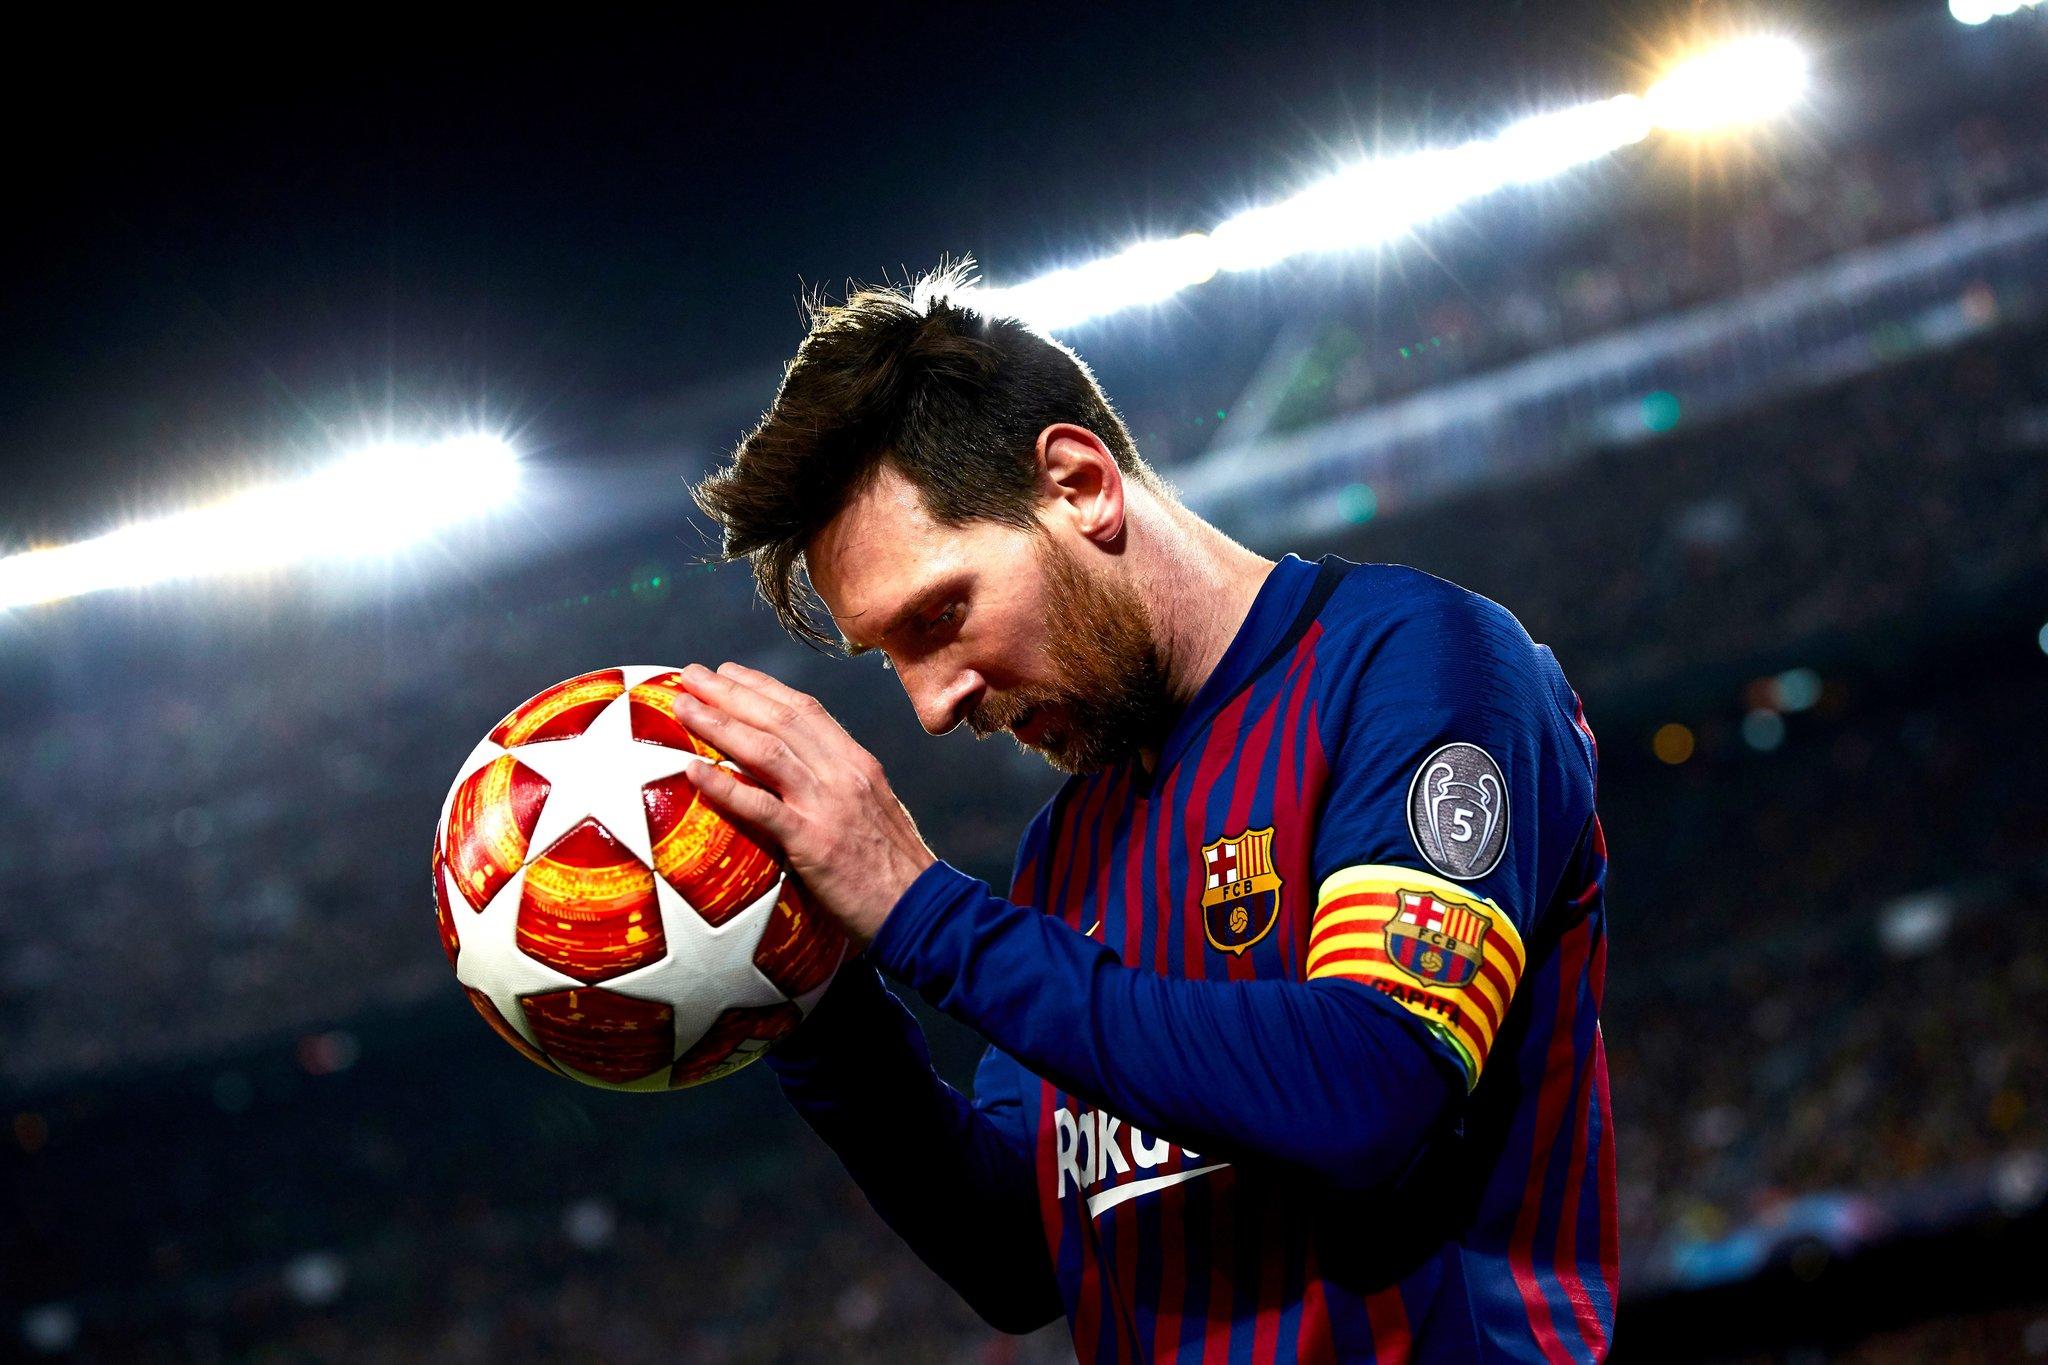 Bìa Chiêm Ngưỡng 666 ảnh Messi 4k Tuyển Chọn đẹp Nhất Thế Giới 11